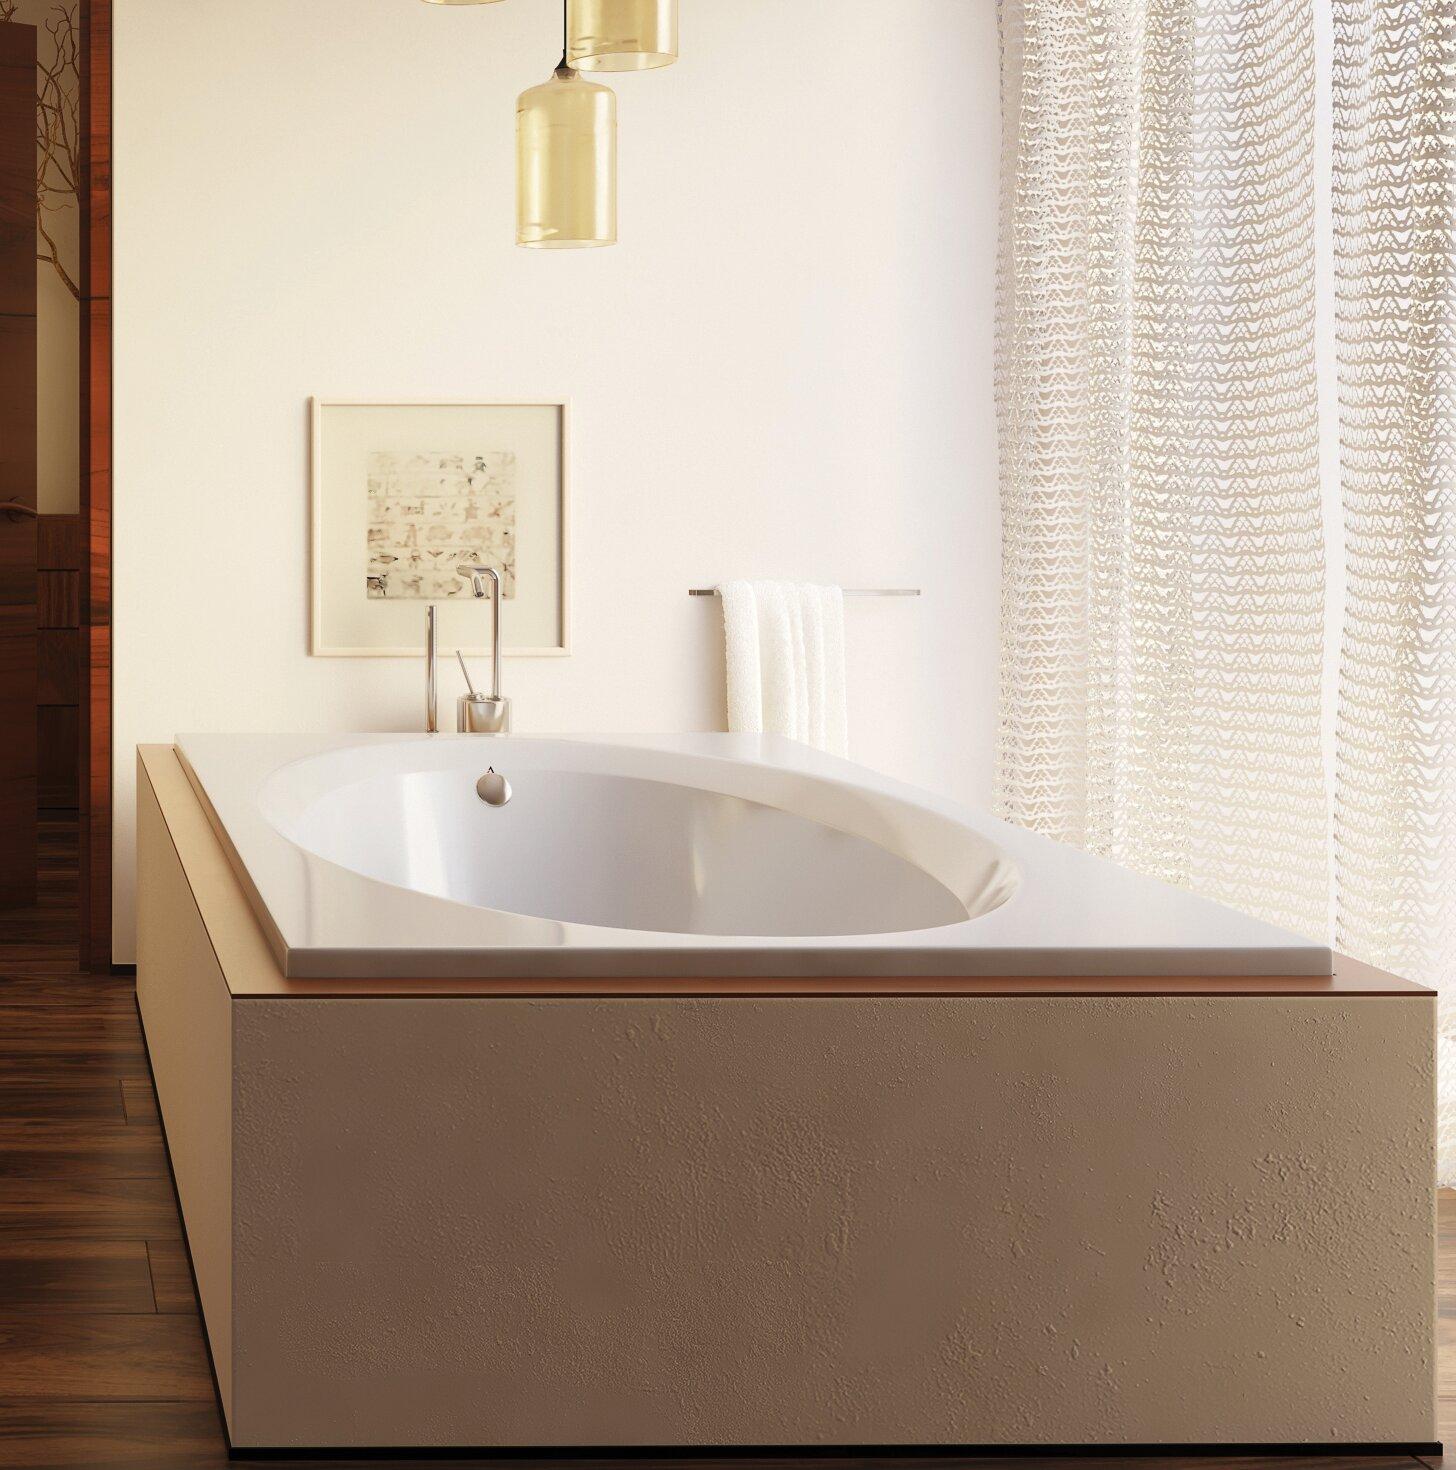 Americh Bel Air Luxury Series 60 X 42 Drop In Whirlpool Bathtub Wayfair